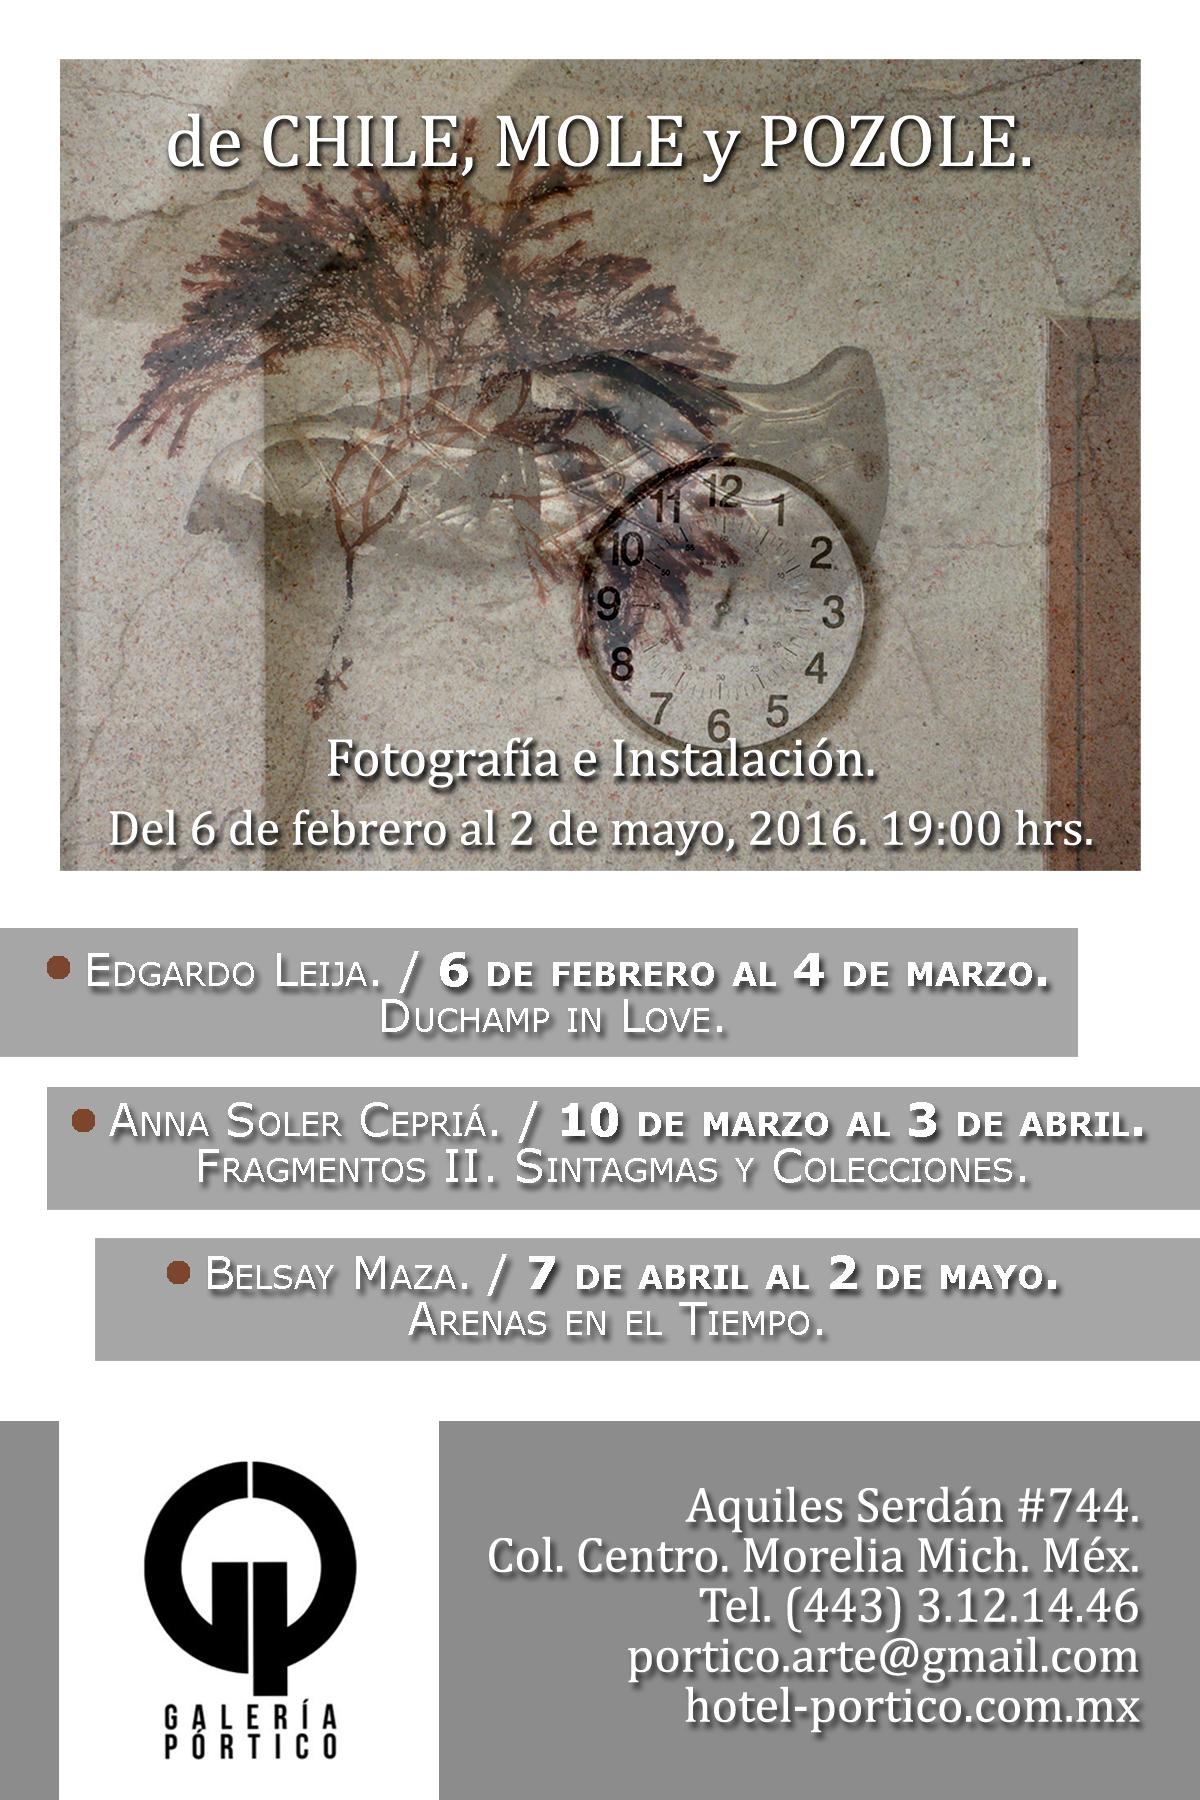 Muy Pronto Proyecto De Exposición De Chile Mole y Pozole En Morelia